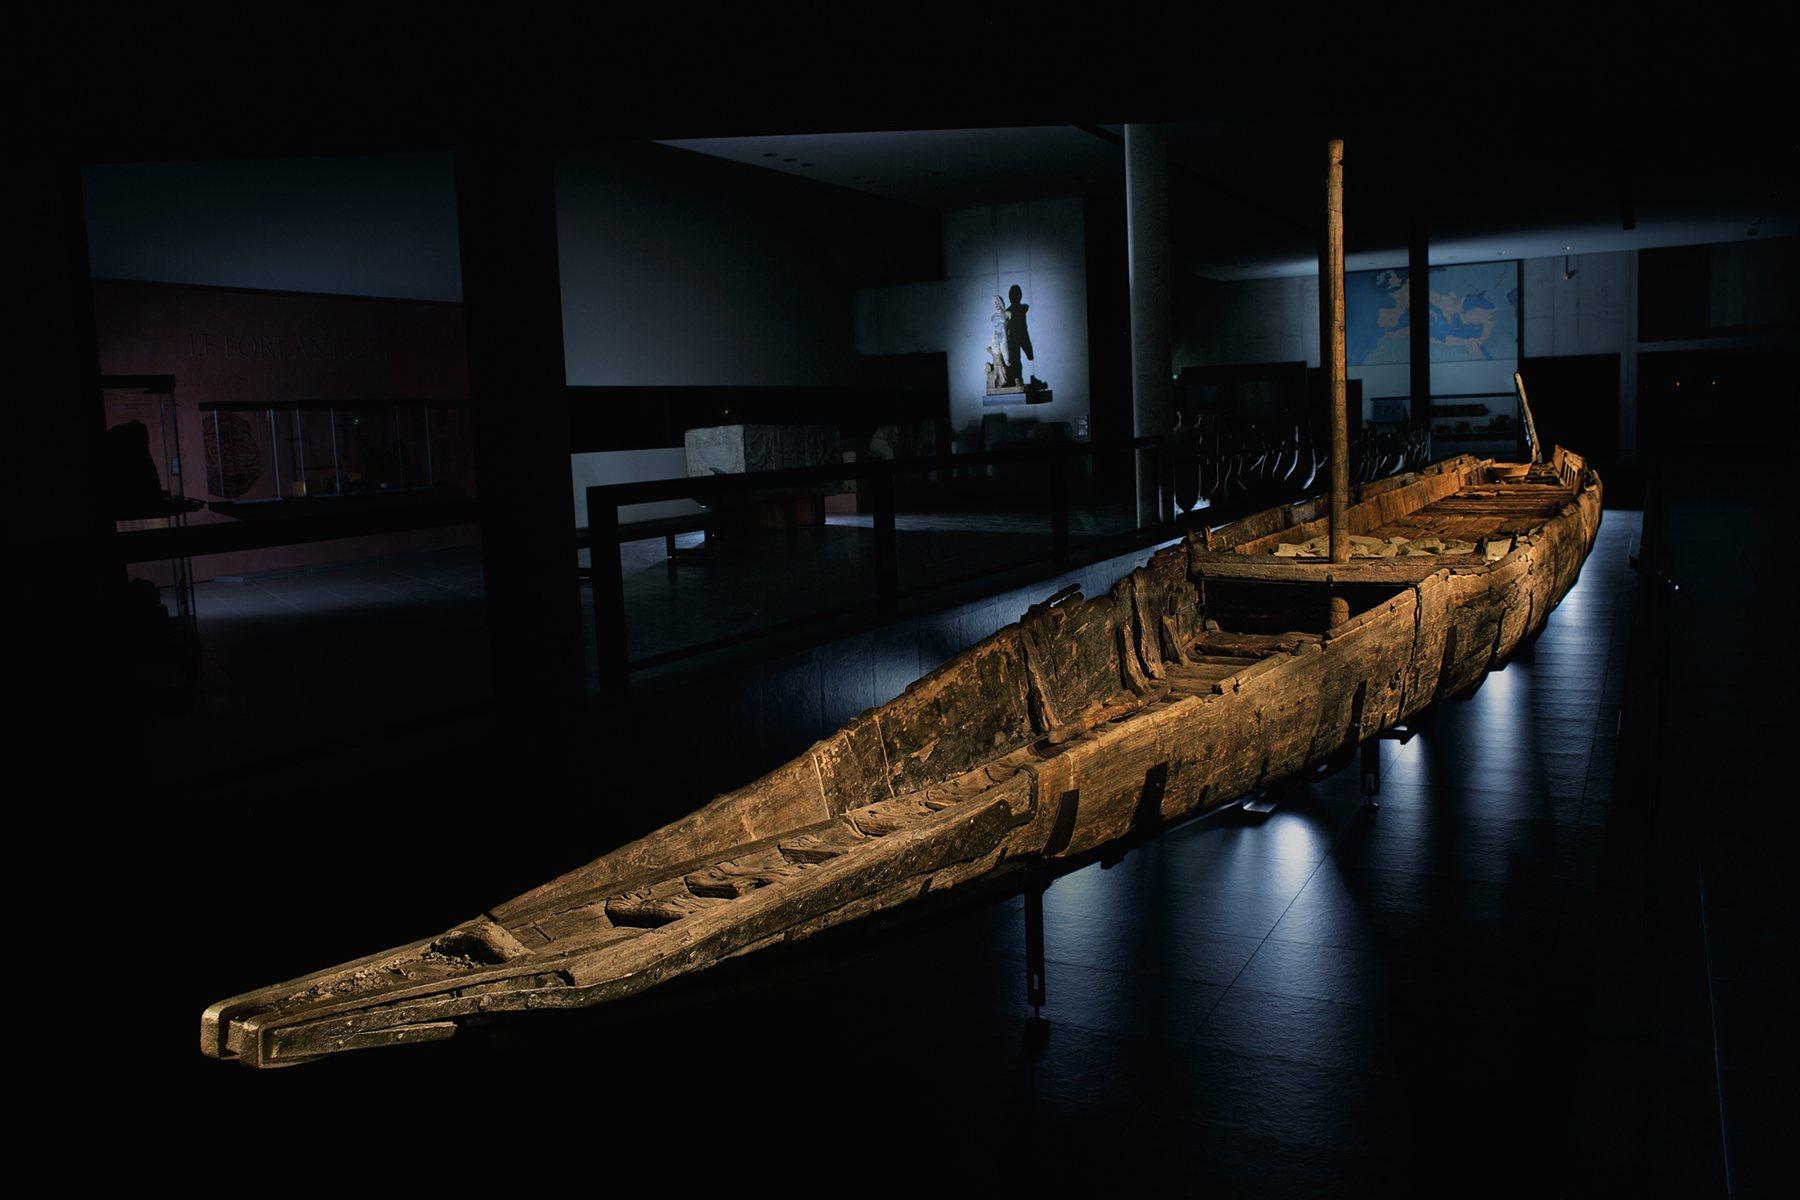 Barcaza romana de 31 metros de eslora fue recuperada del Ródano, a su paso por Arles